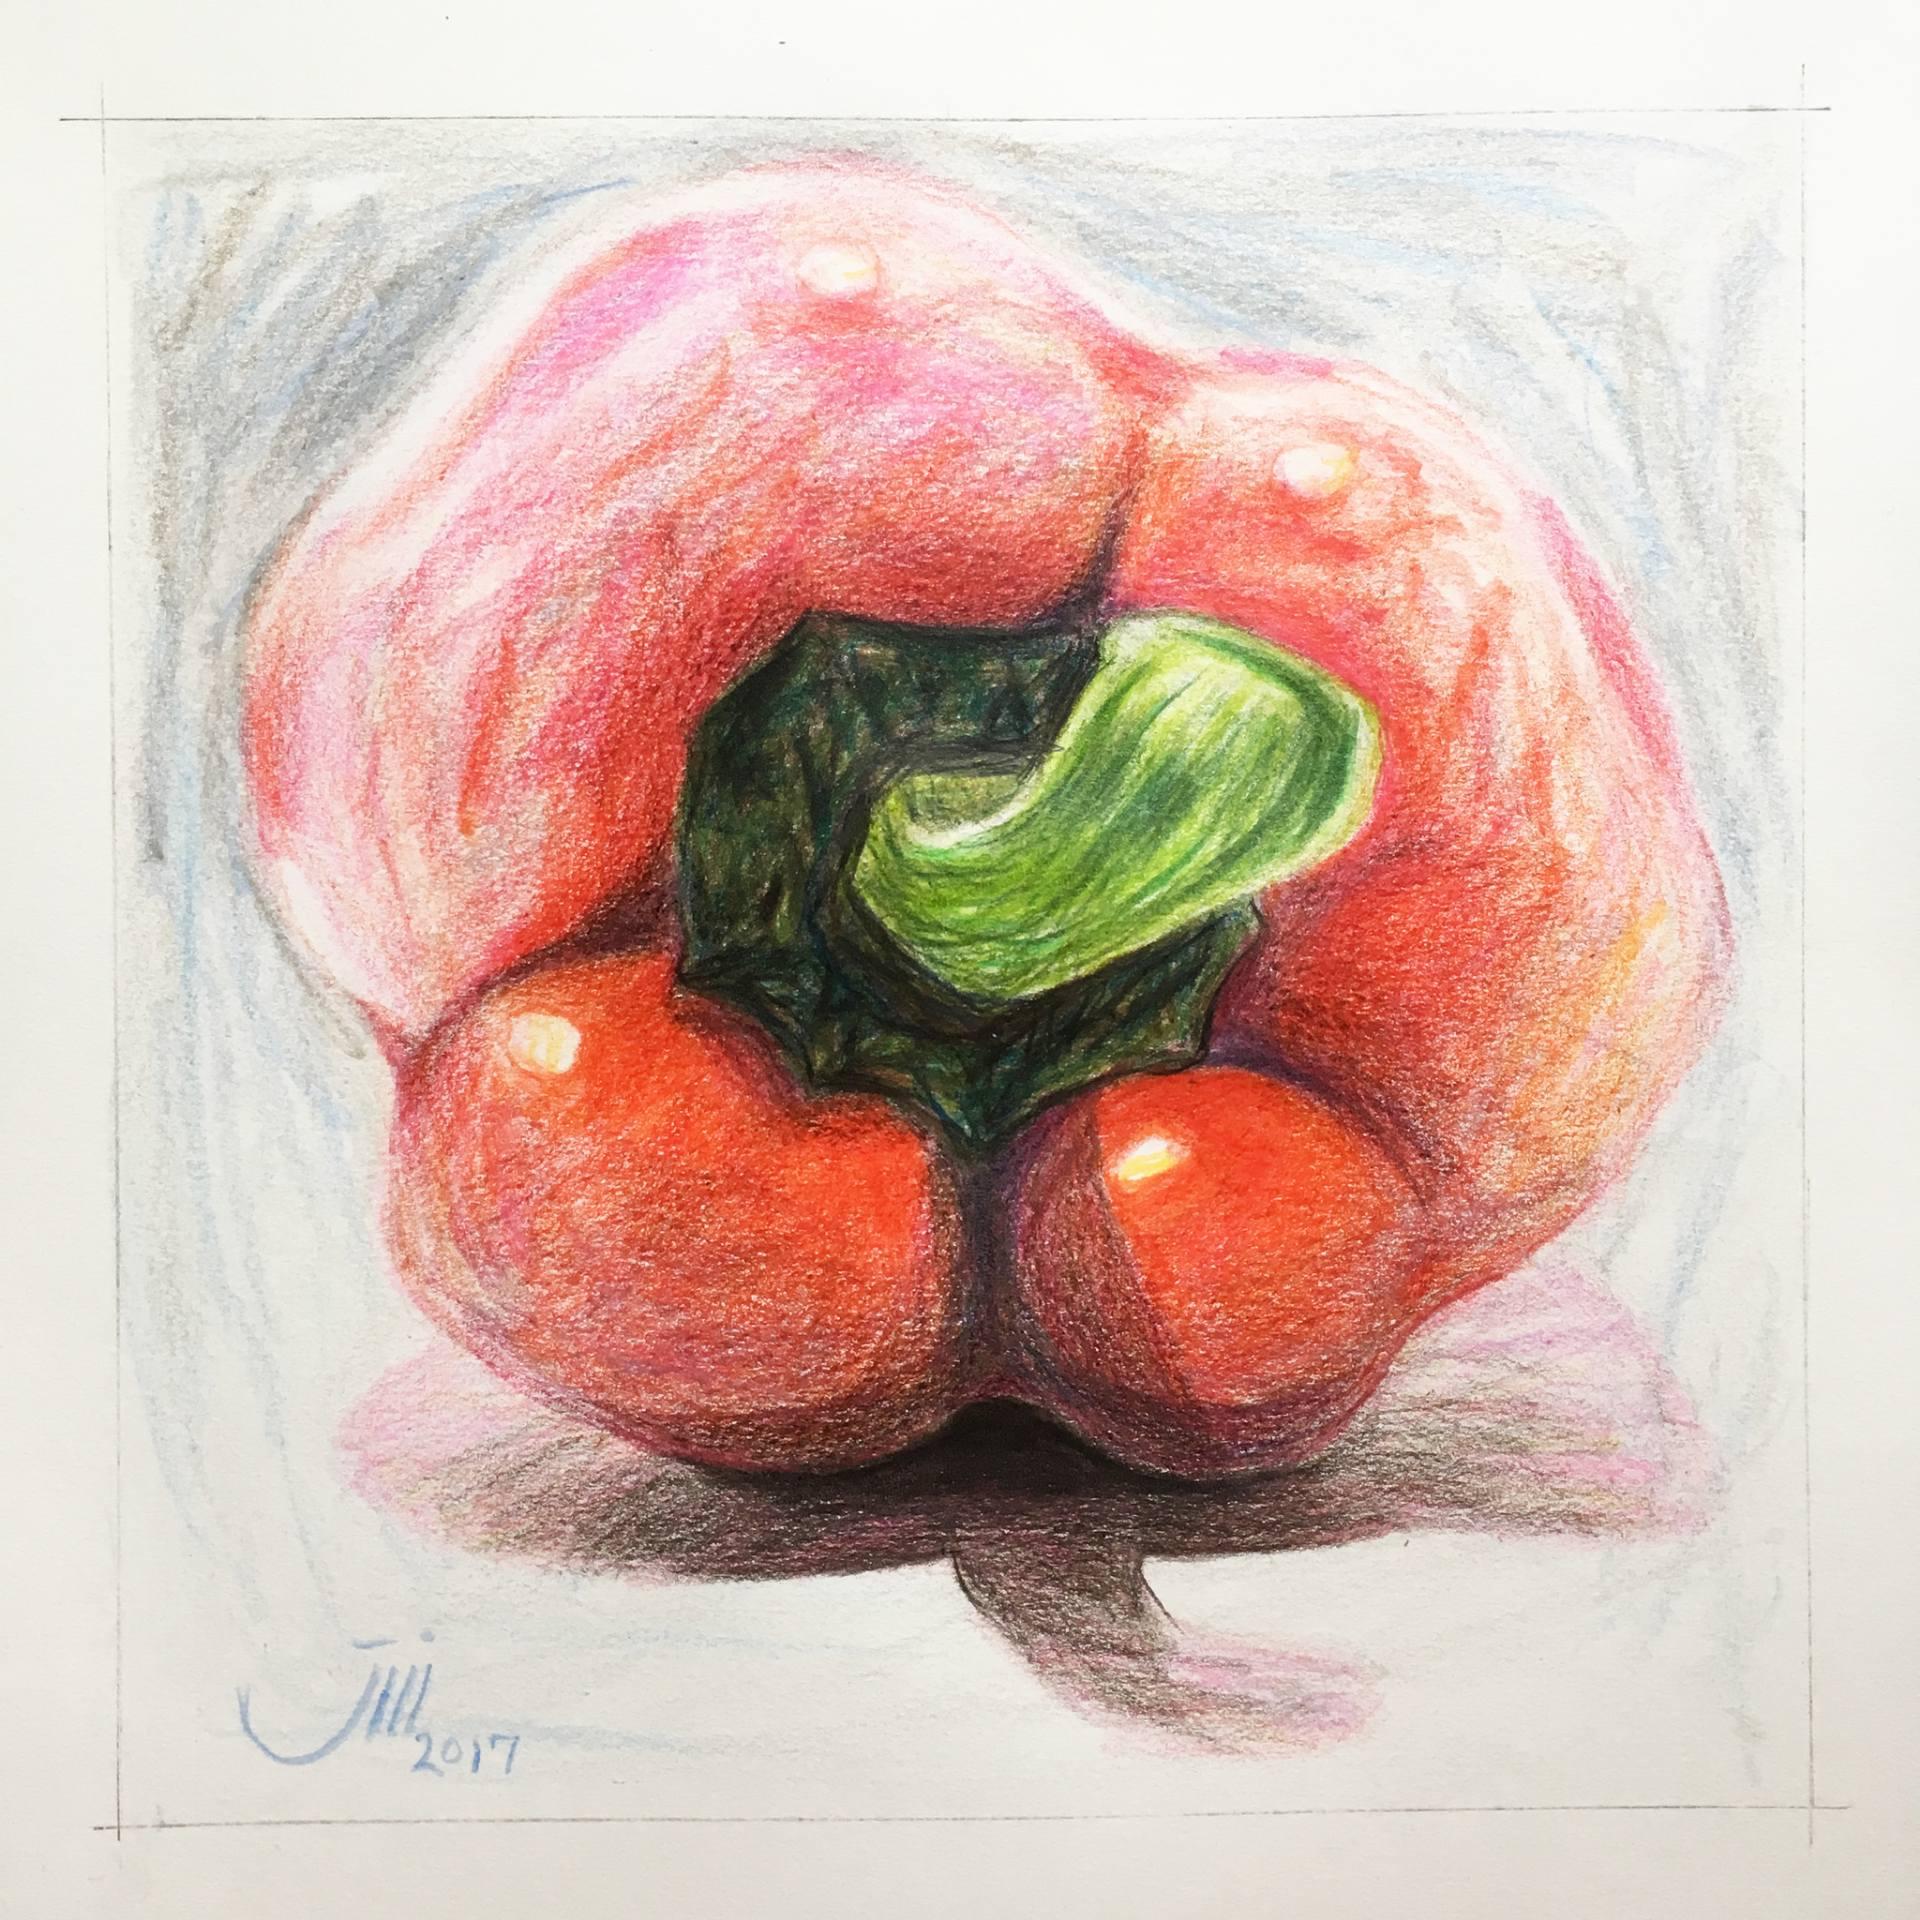 1920x1920 Saatchi Art My Sketchbook, A Red Bell Pepper Drawing By Sedigheh